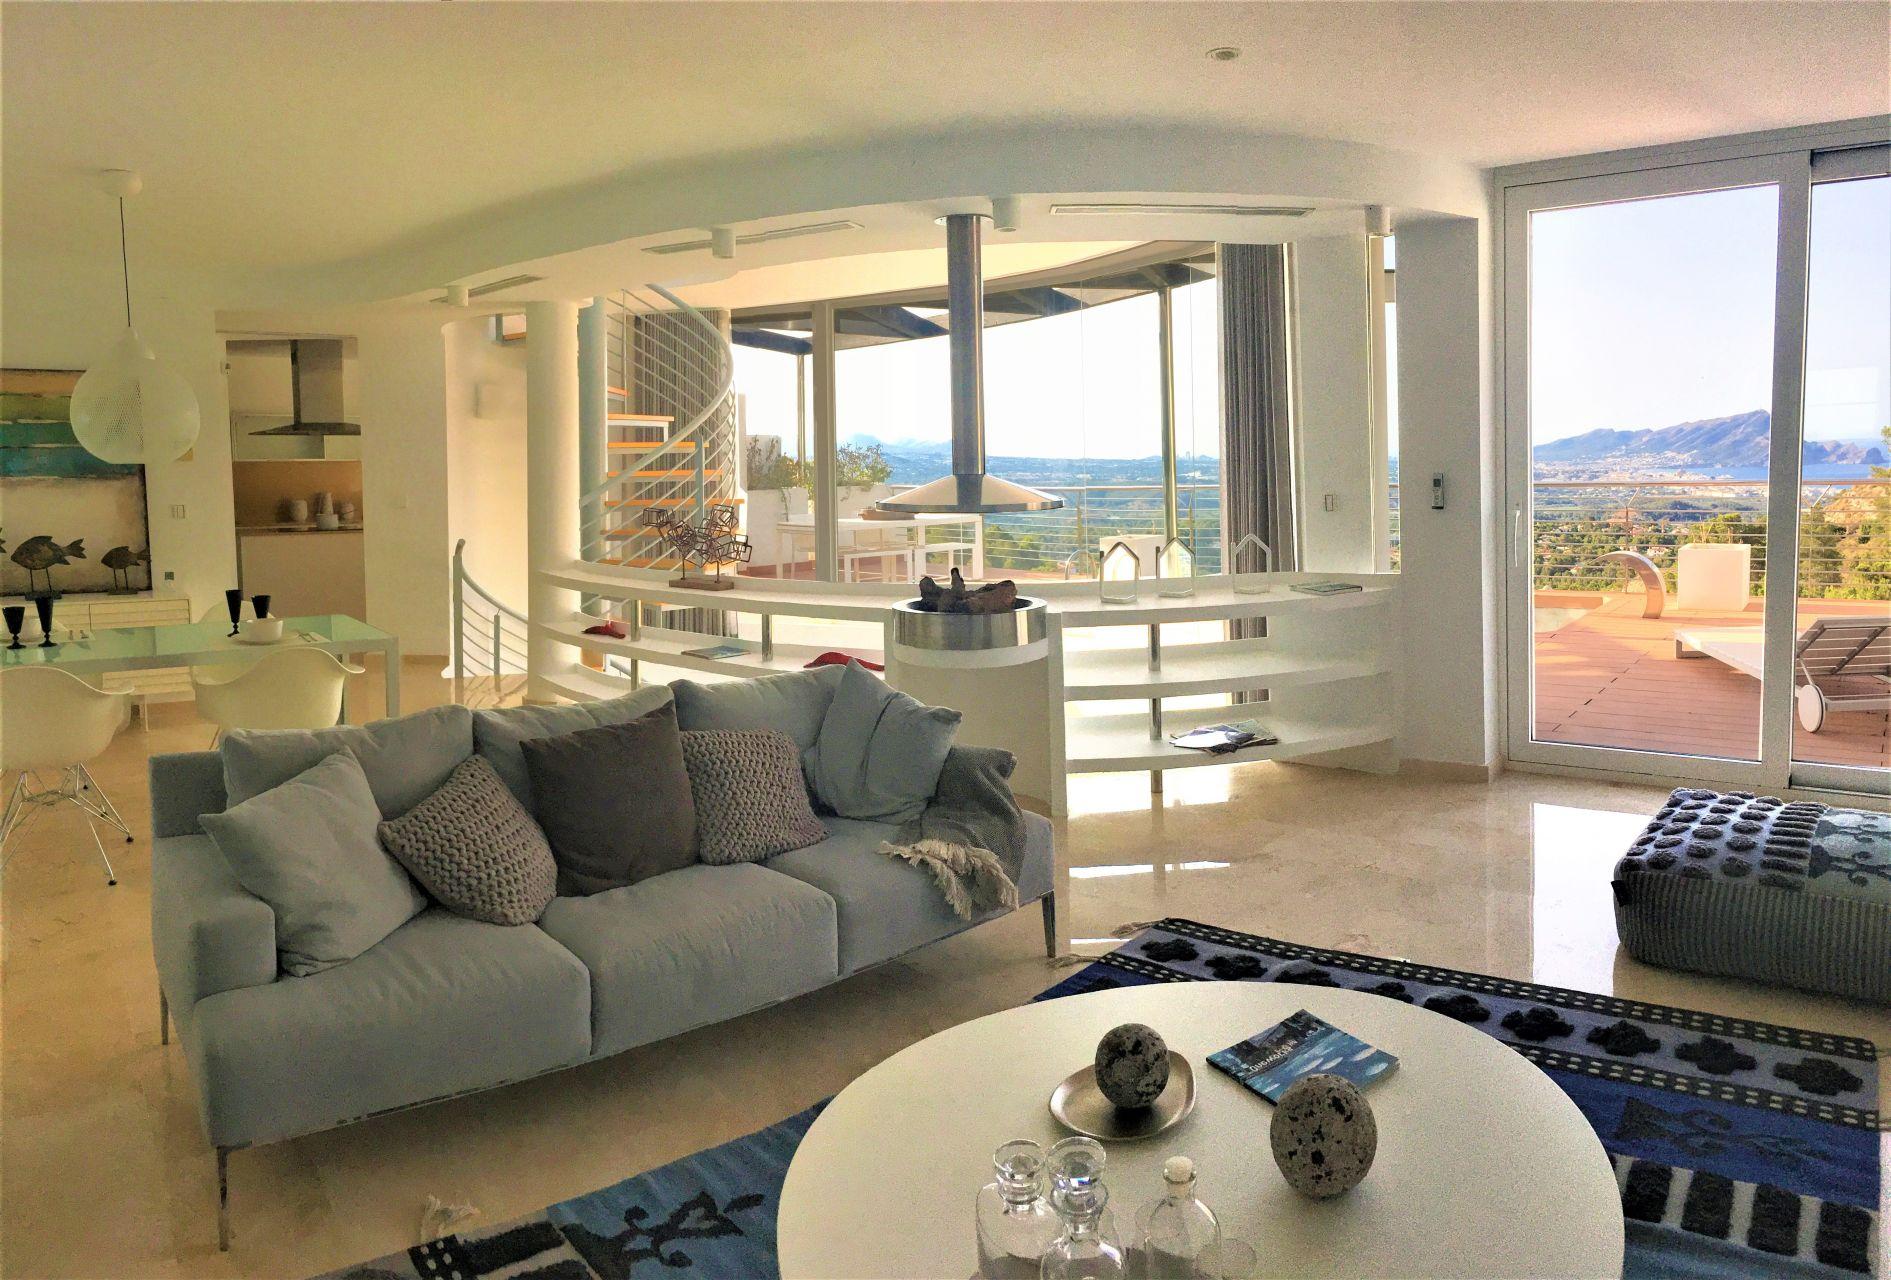 Villas with incredible views to the Mediterranean Sea in Altea 18